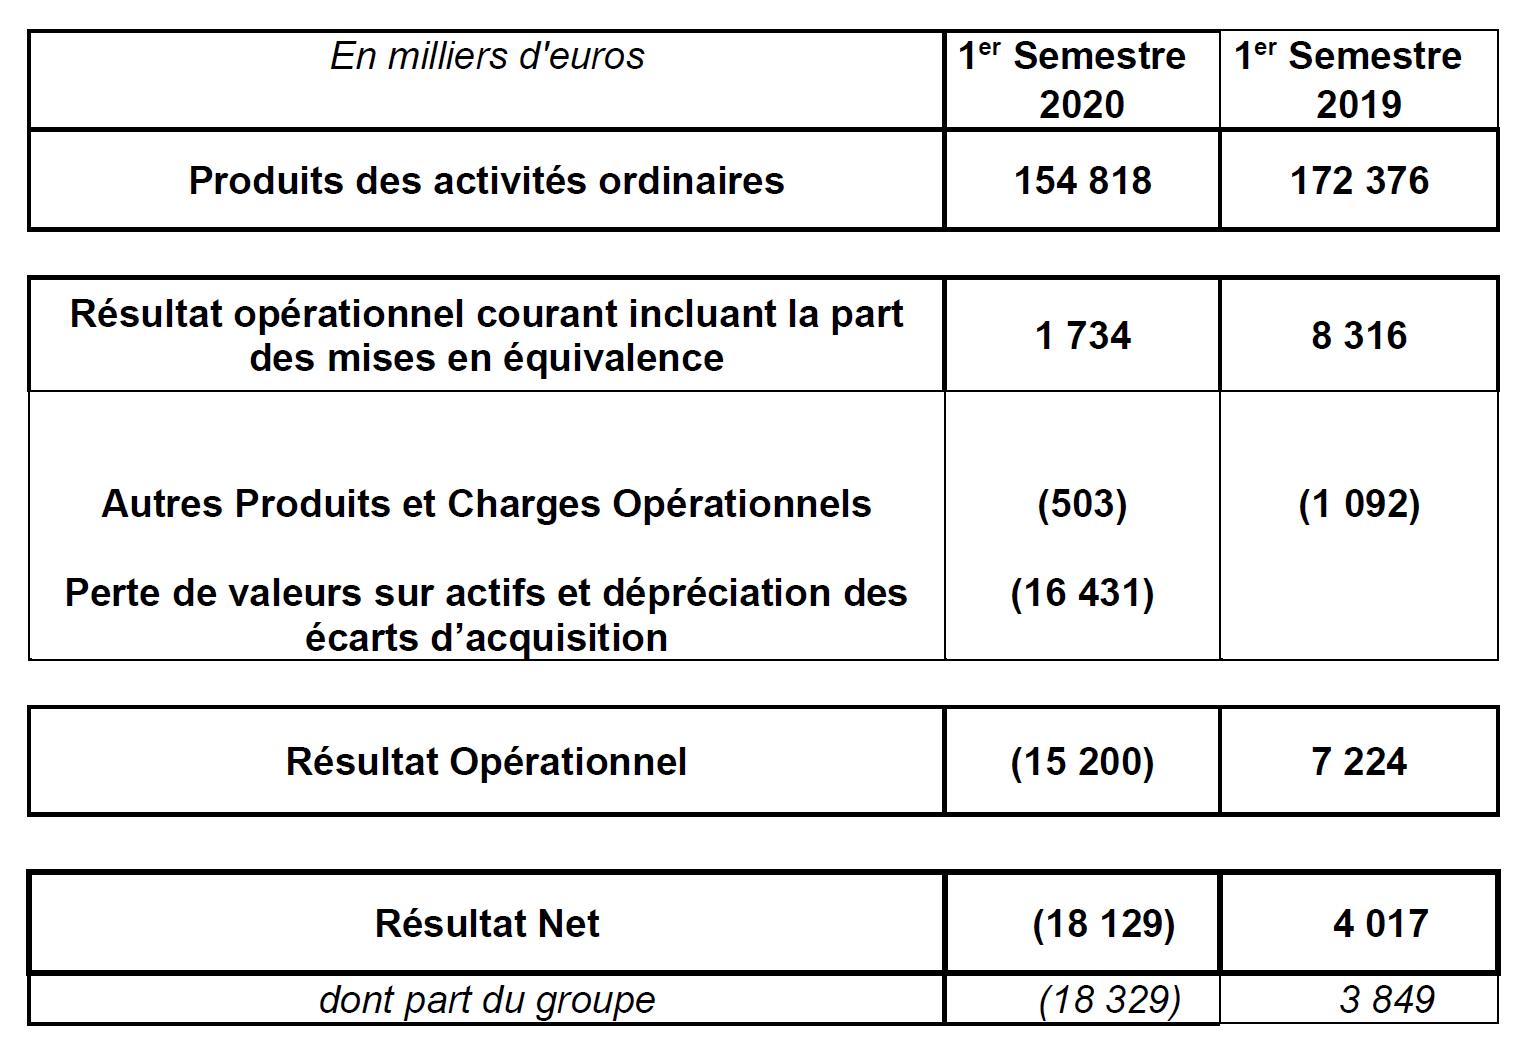 ROC_EPC Groupe_S1_2020